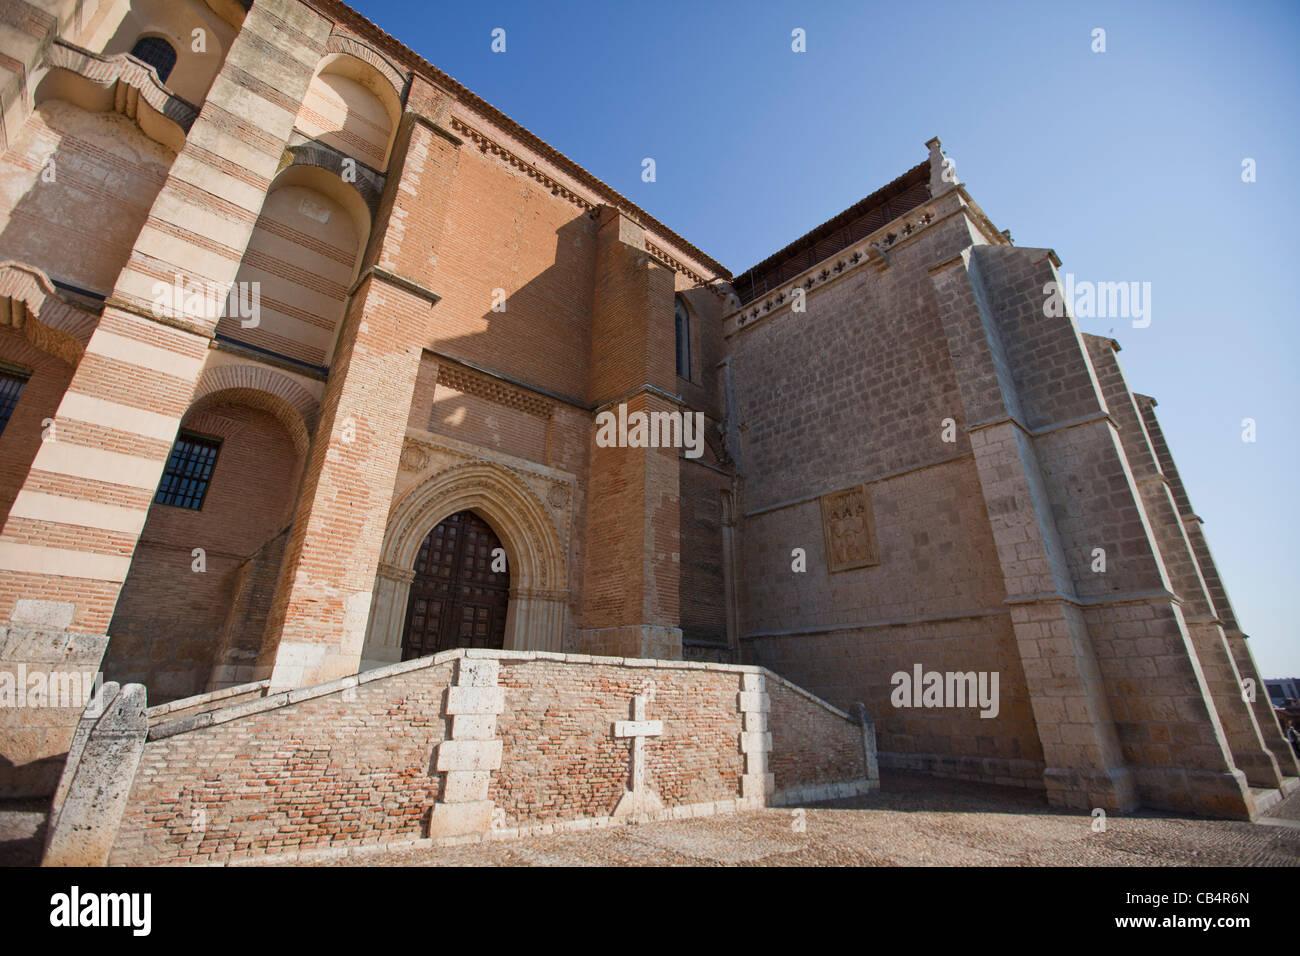 Real Monasterio De Santa Clara De Tordesillas Convent Of Santa Clara